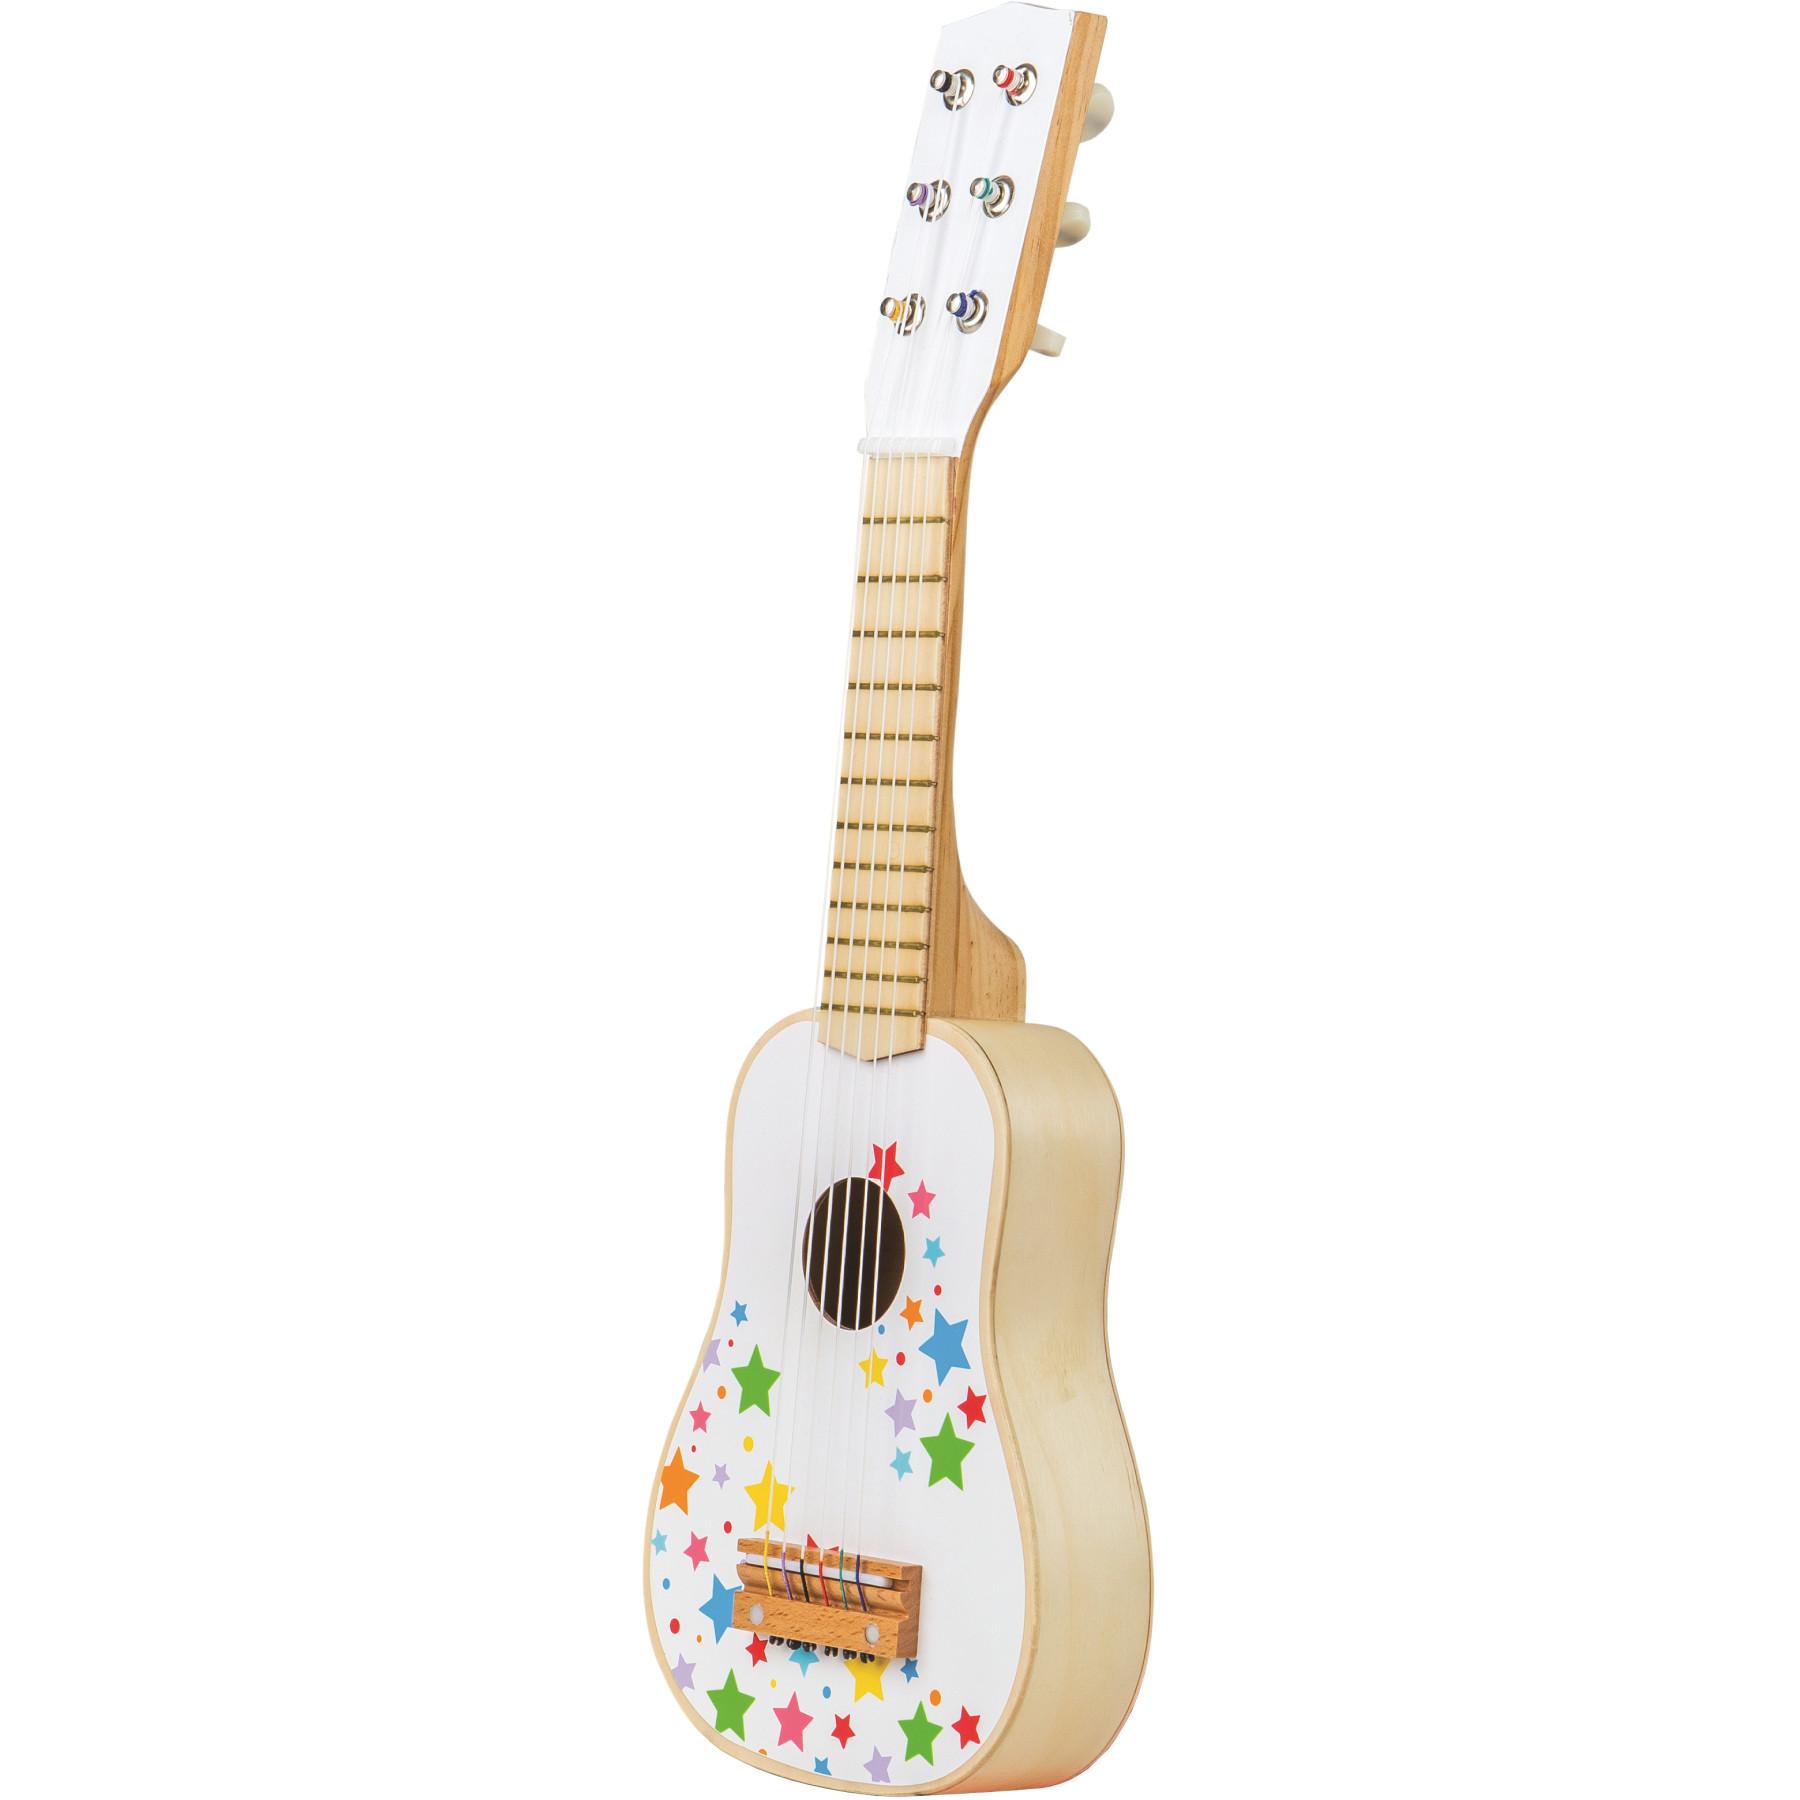 Gitara pre deti klasické hviezdy 54 cm drevo